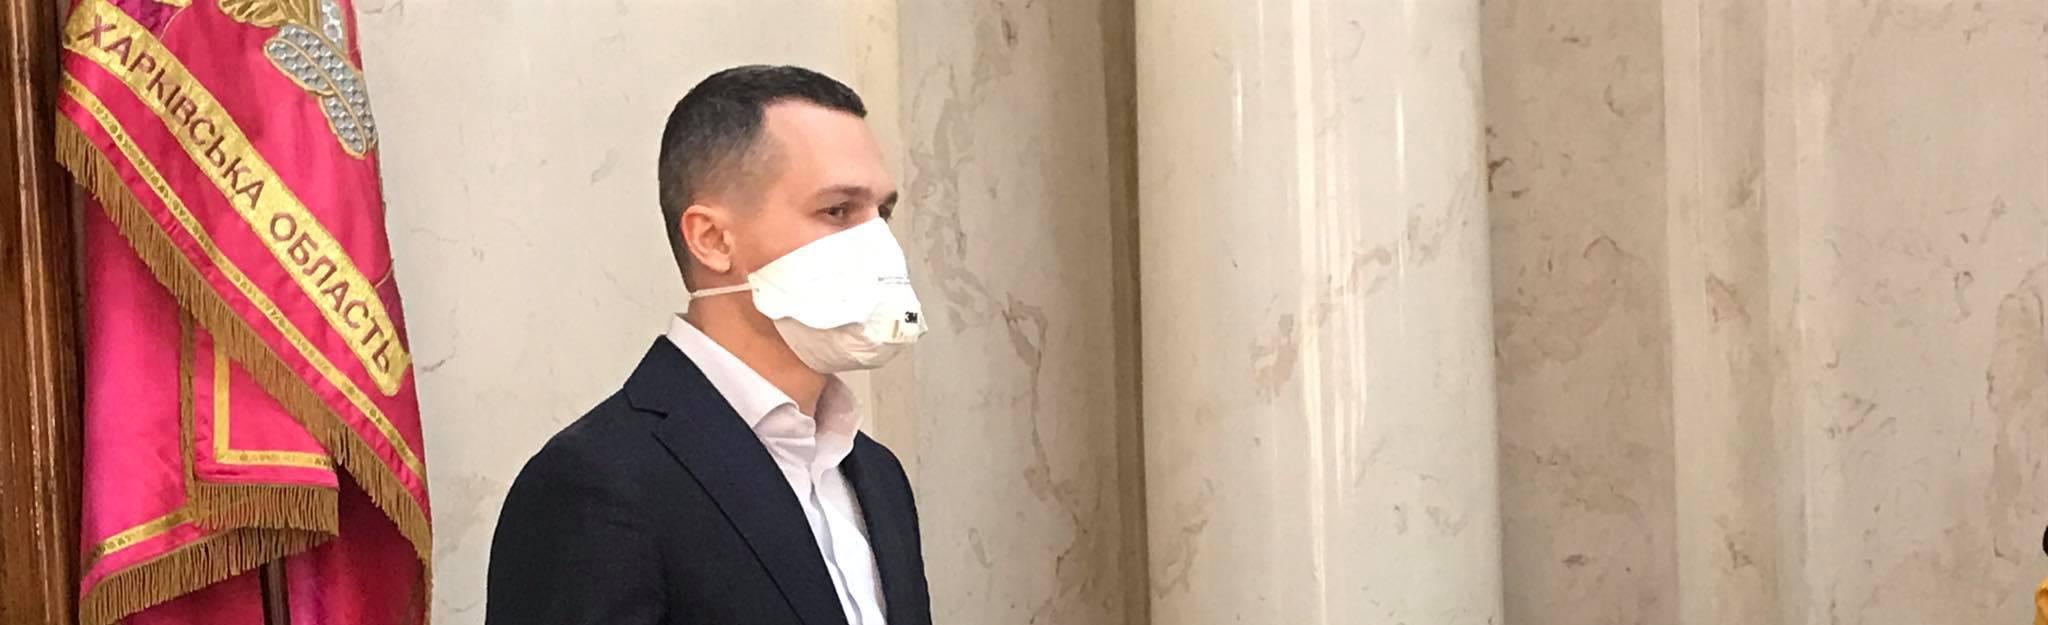 """Олексій Кучер: """"Пройти тест на коронавірус можна безкоштовно"""""""